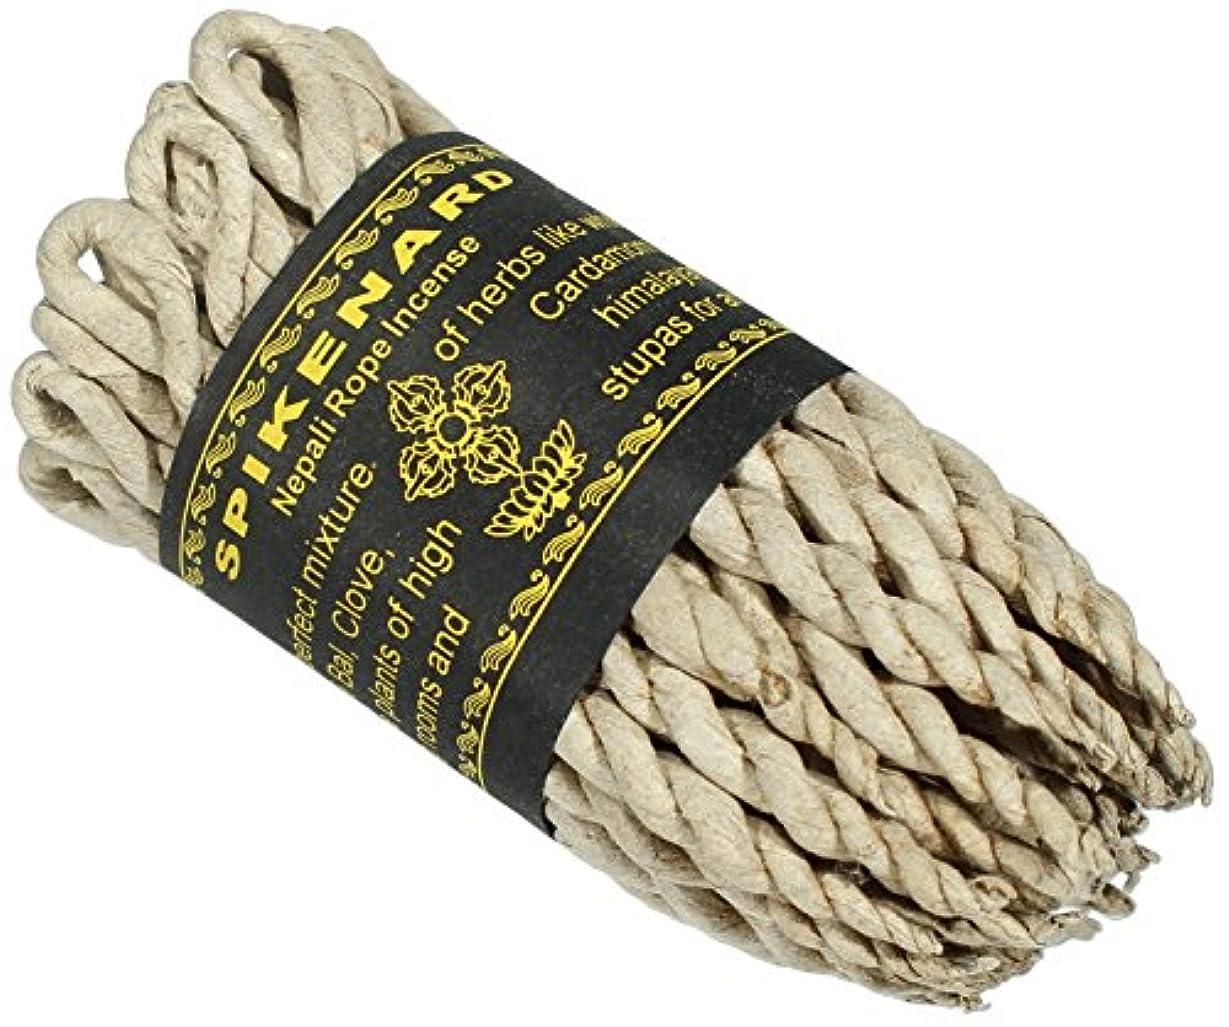 行為経験者自明ネパール語Spikenard Rope Incense